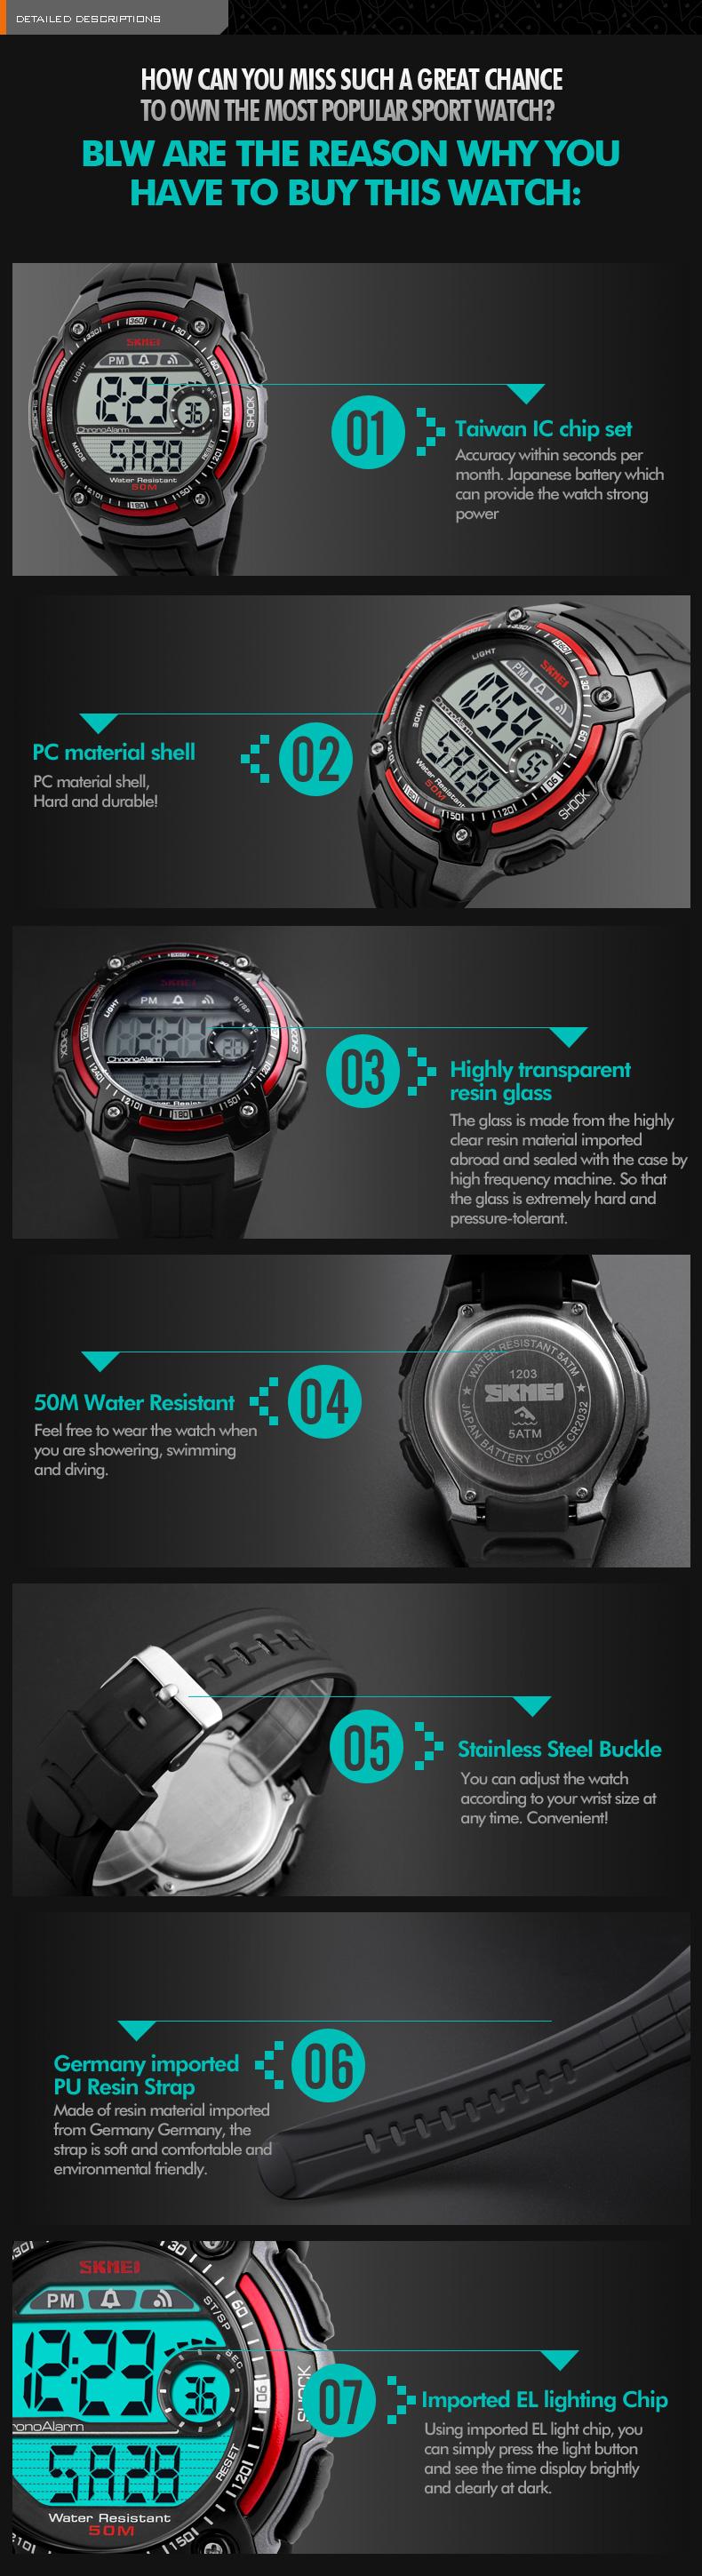 Kompletní specifikace · Ke stažení · Související zboží (0) · Komentáře (0).  Pánské značkové hodinky SKMEI 1203 TITANIUM. Digitální hodinky vodotěsné ... a6a2098049